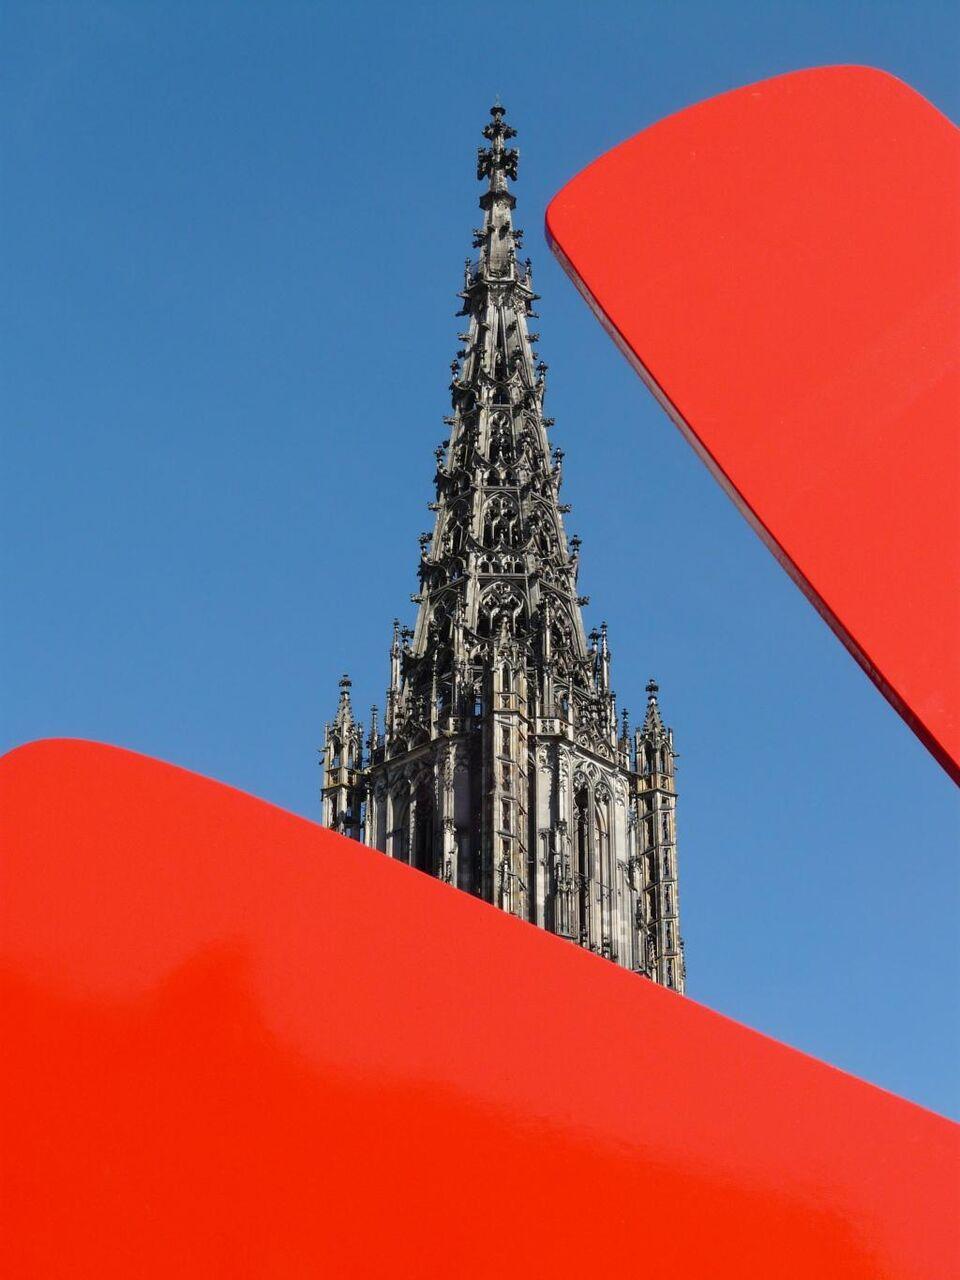 アート アートワーク キース ヘリング 赤犬 ウルム ウルム大聖堂 ケミカル デュポンフィルムシリコーンの壁紙がnnのnnはpuヒカルミュンスター 高精細画像を保持している は材 壁紙